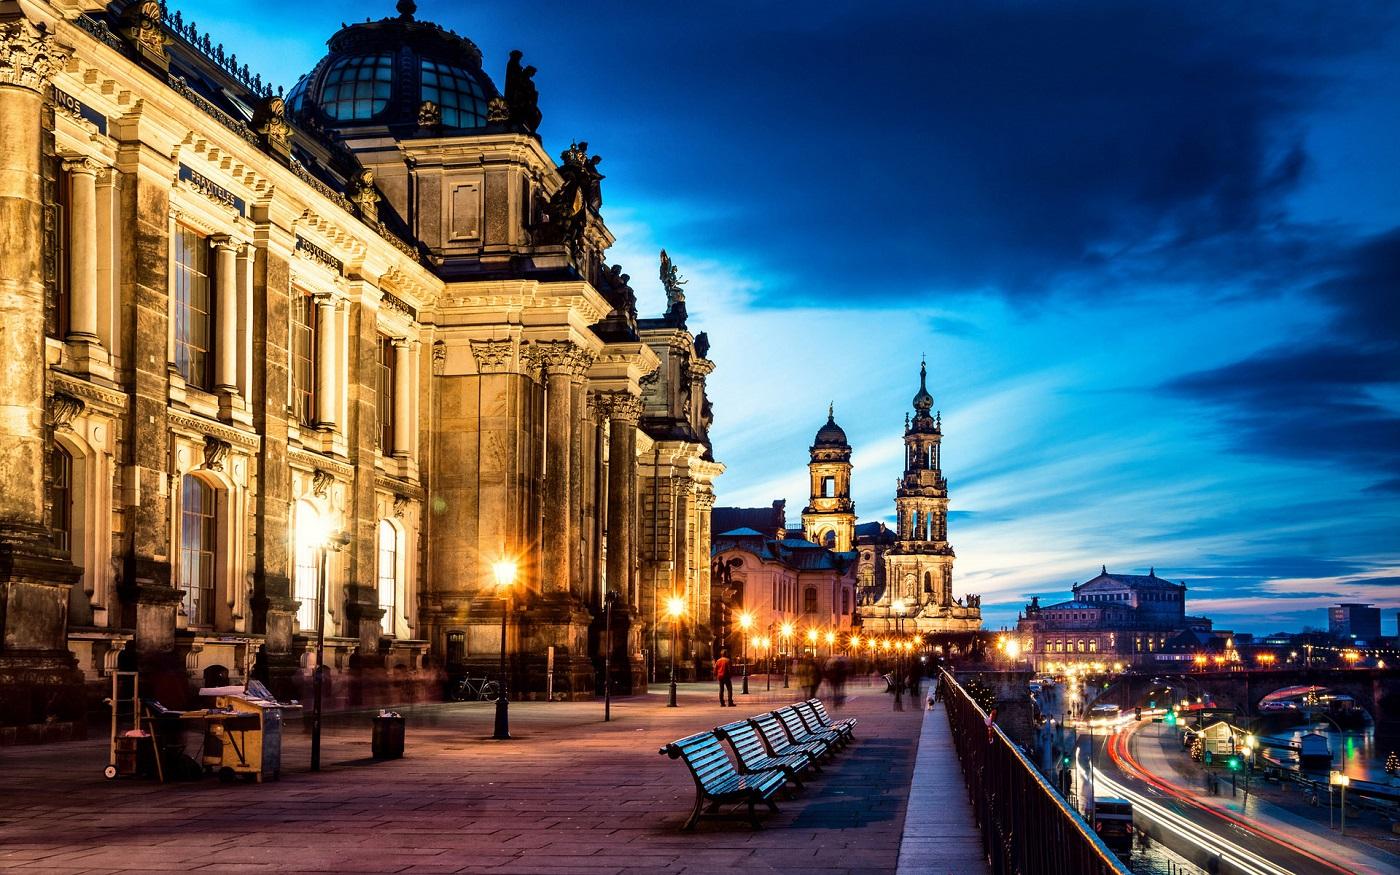 Oraşul este o îmbinare armonioasă între vechi şi nou